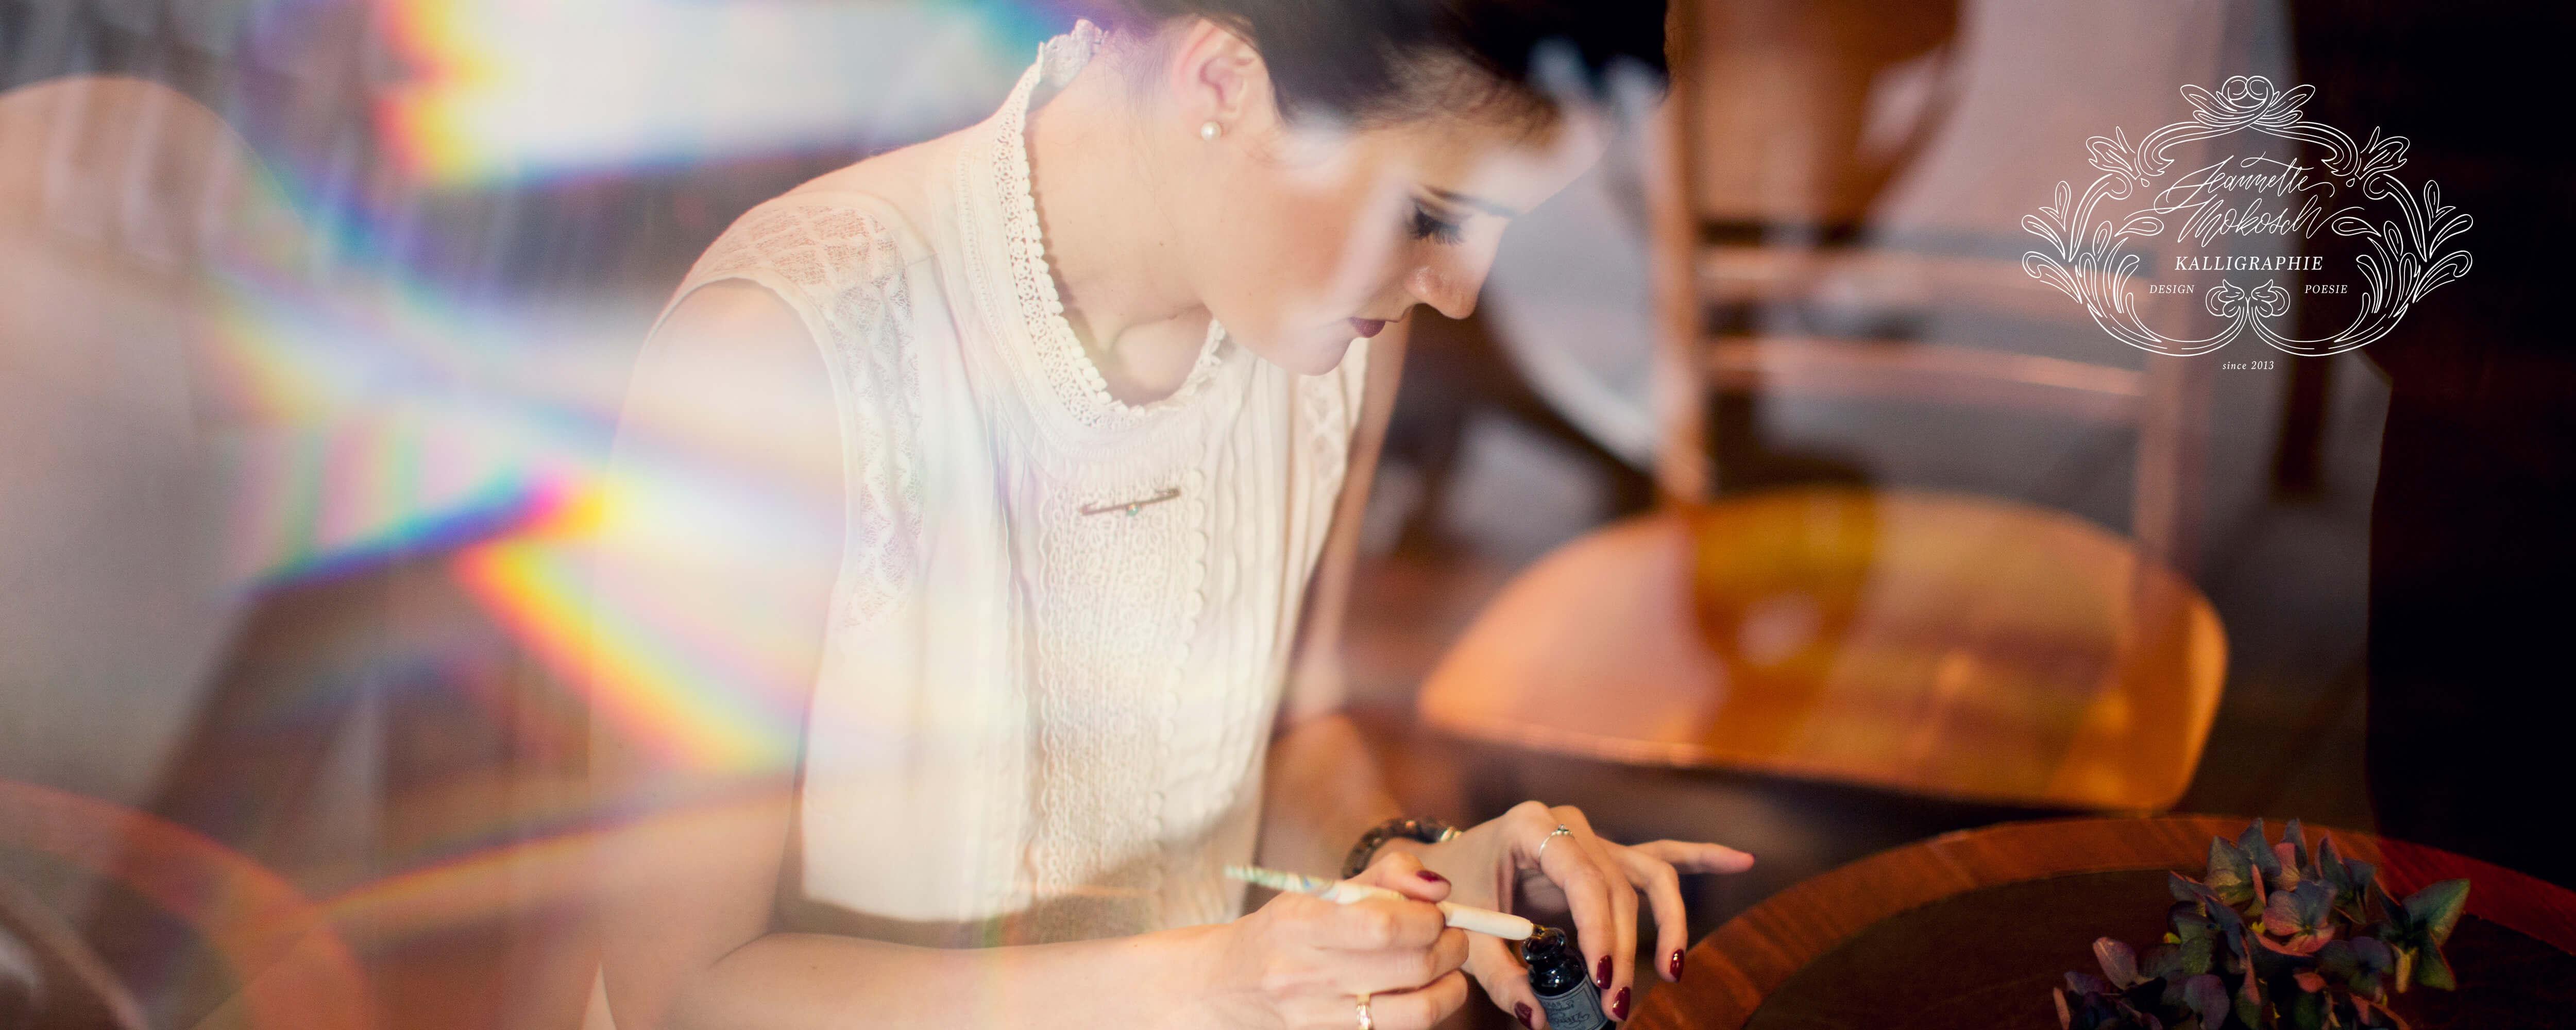 Jeannette Mokosch Kalligraphie Kalligrafie Hand Lettering